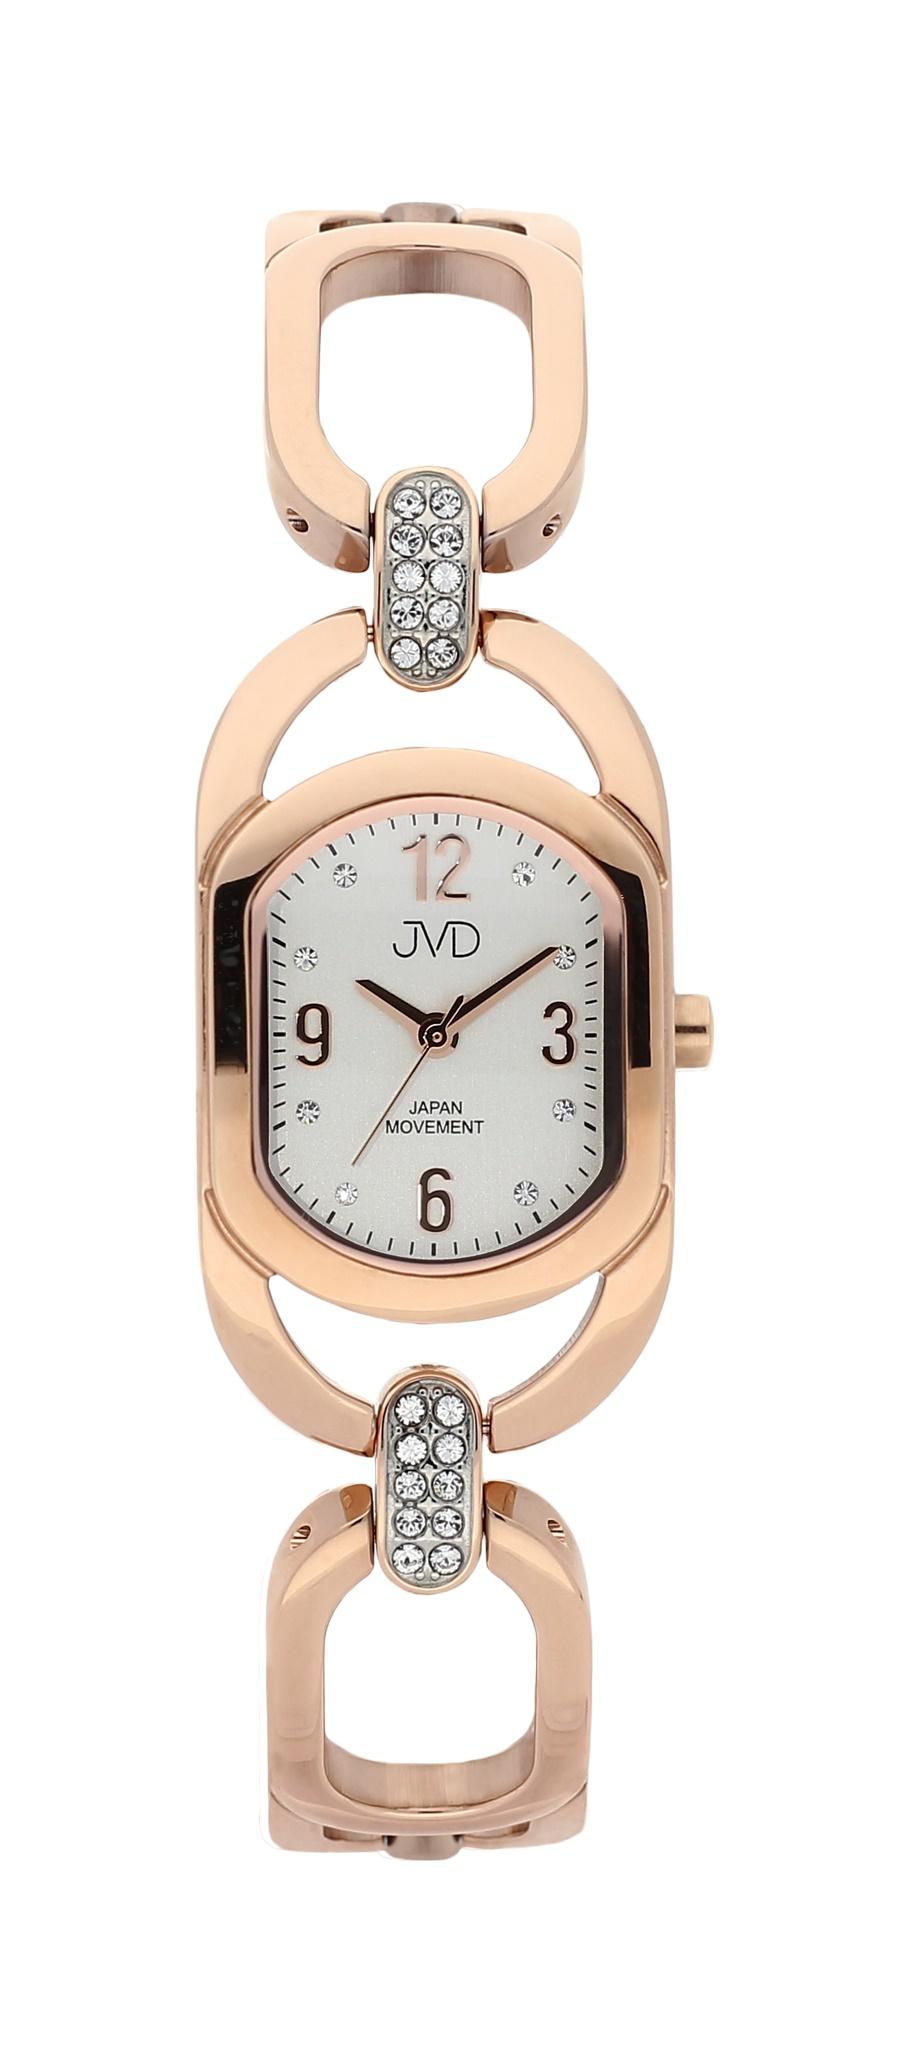 Dámské luxusní voděodolné hodinky JVD JC152.5 - 5ATM růžové zlato